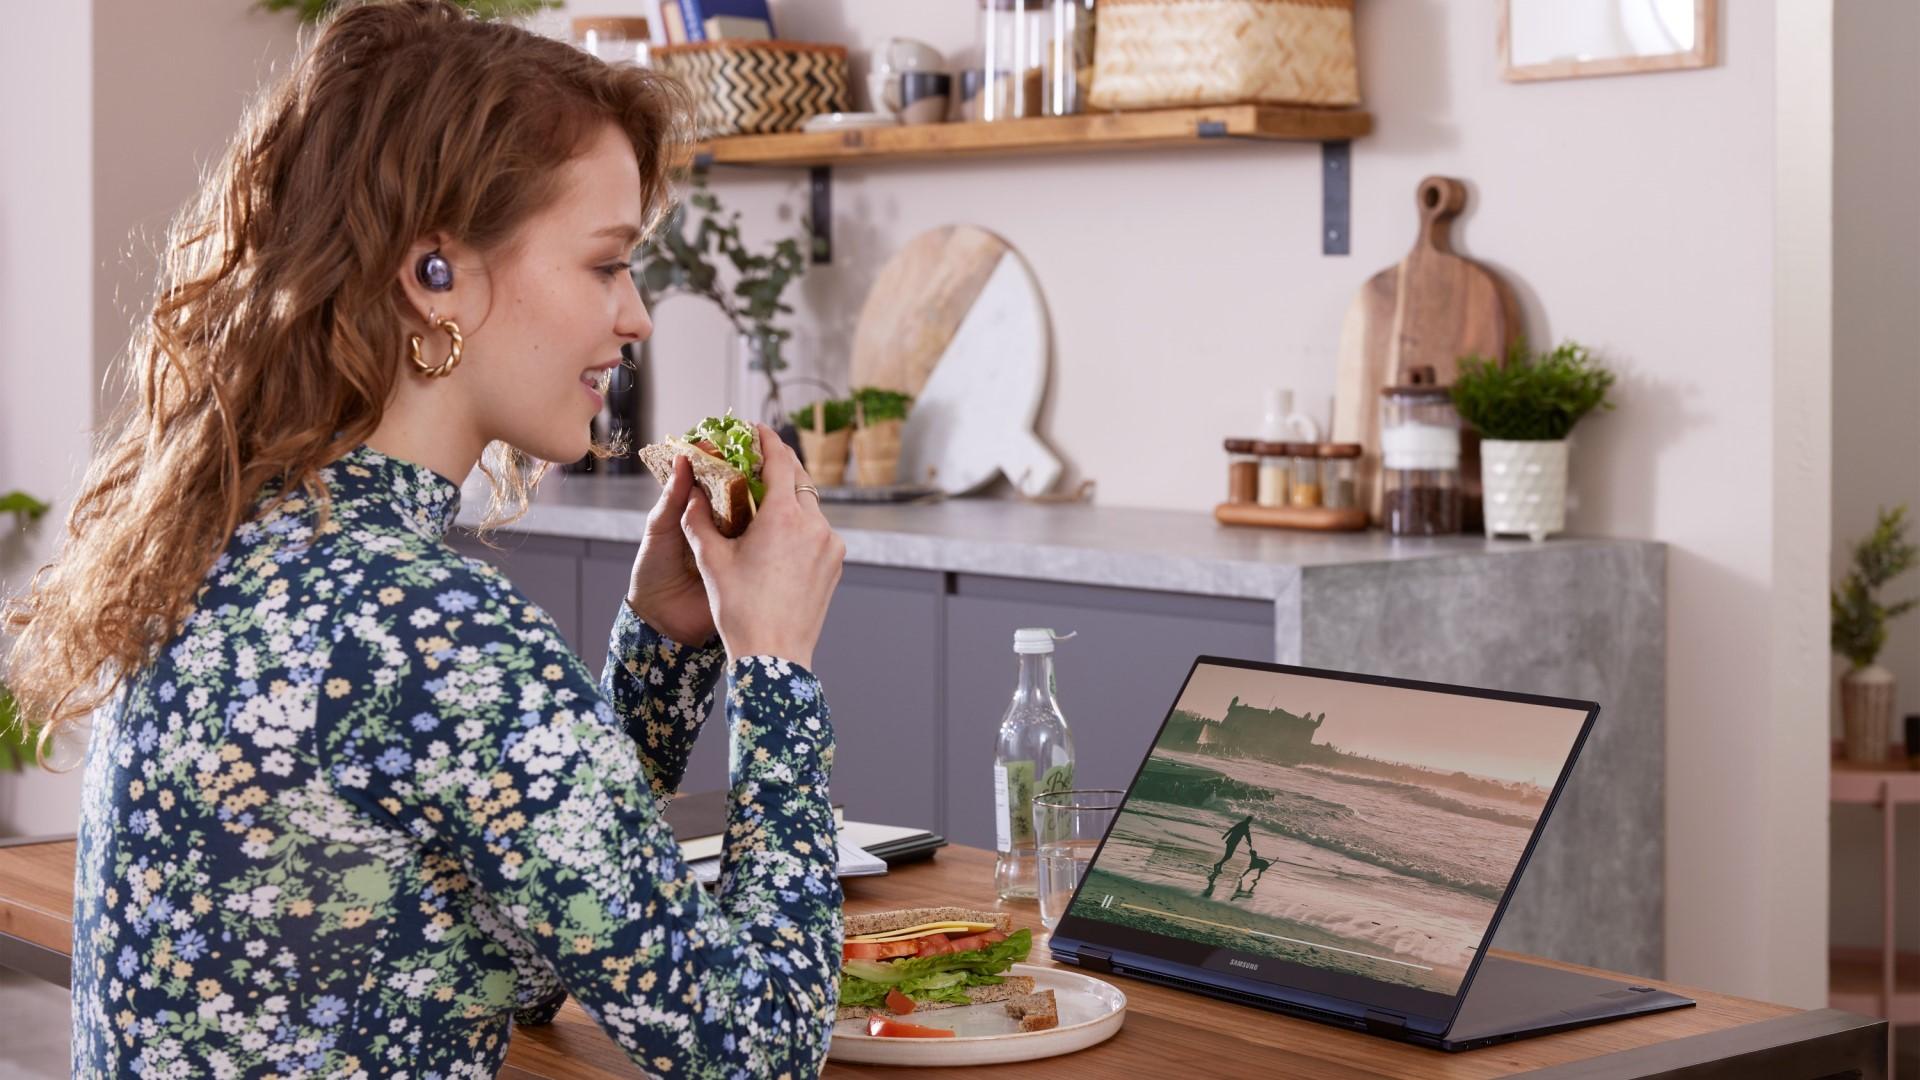 Mujer comiendo sándwich en la cocina viendo la película en el portátil